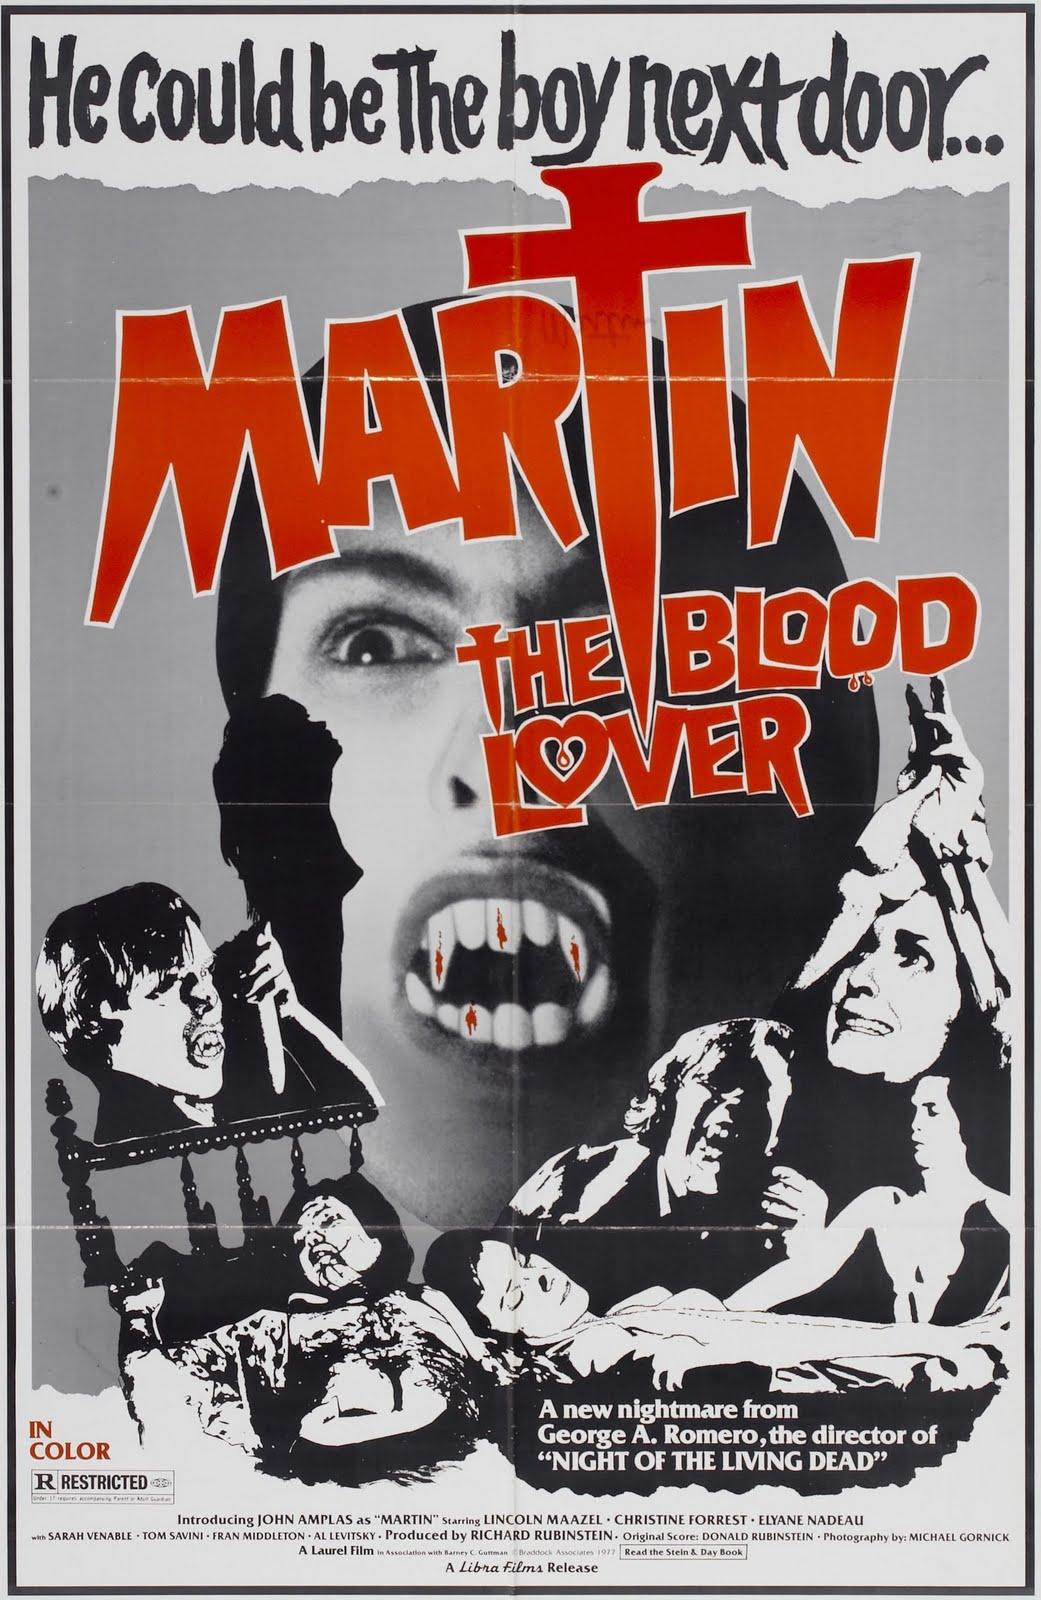 http://1.bp.blogspot.com/_XVgyYjcKkF8/TJbZMtKeg8I/AAAAAAAAAMI/kzl-oD0m6DI/s1600/Martin1.jpg